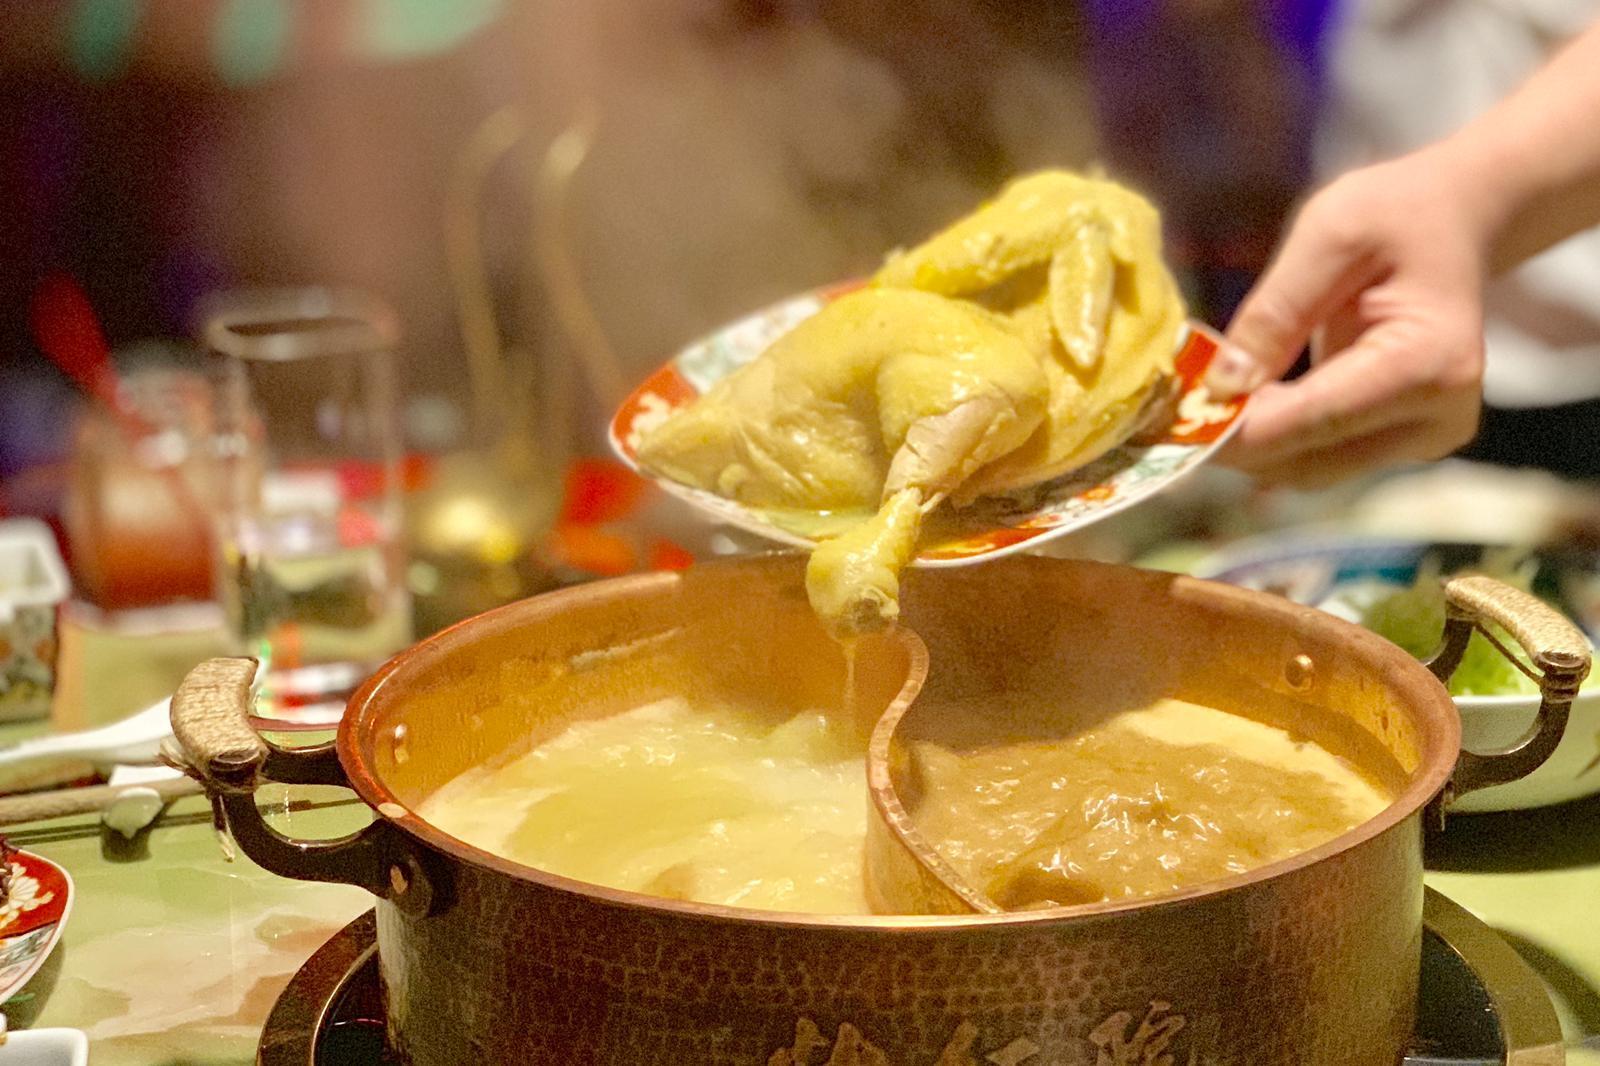 Yi Hung Yuen Hotpot Cuisine